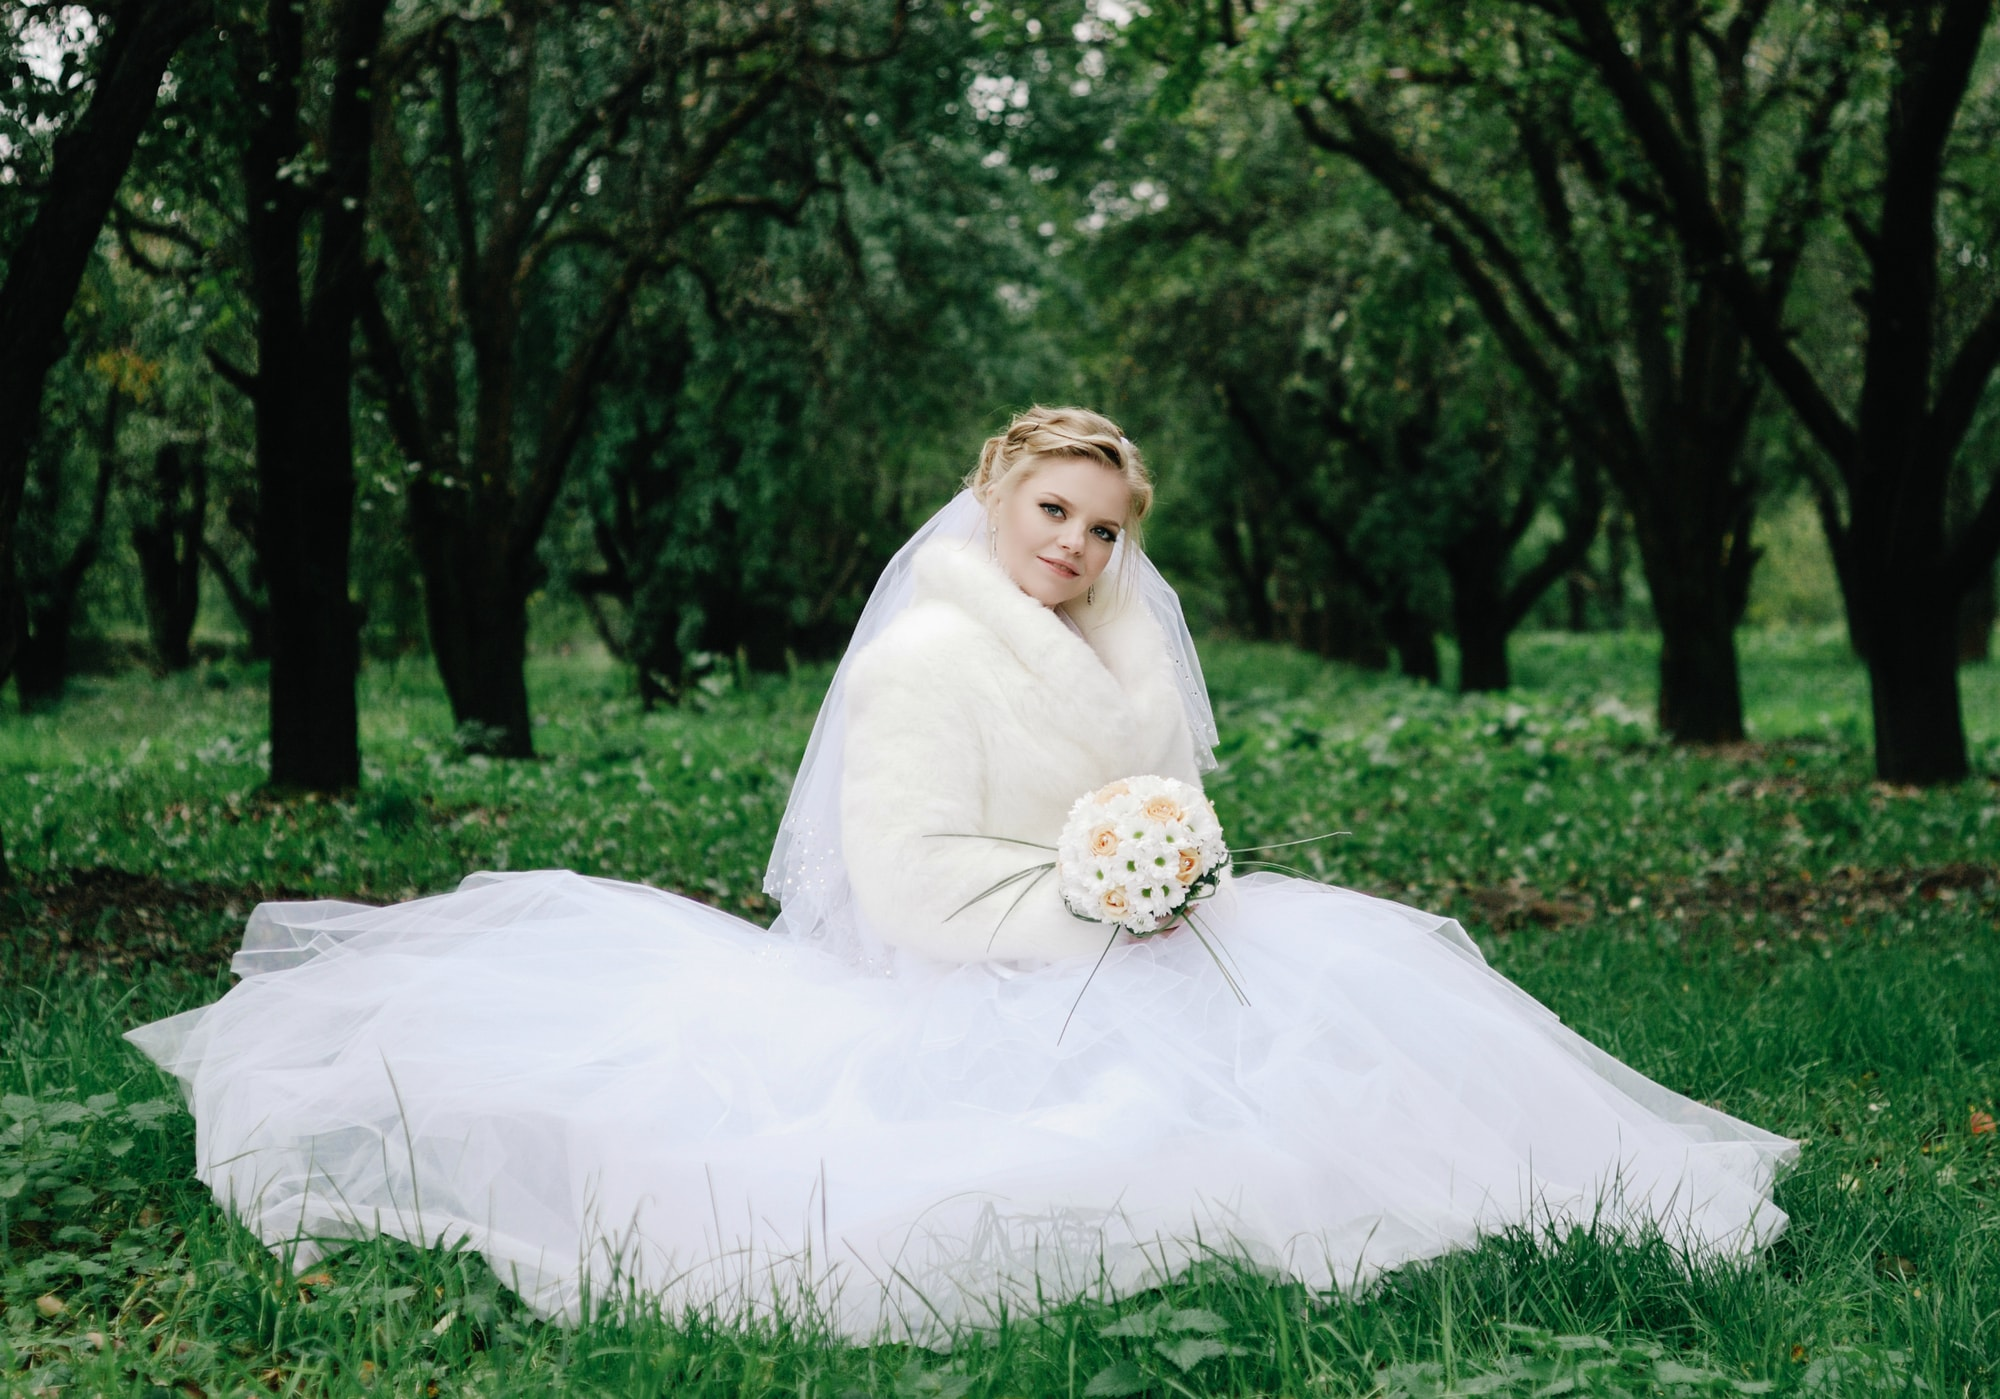 Сказочная невеста в саду - Фотограф Киев - Женя Лайт